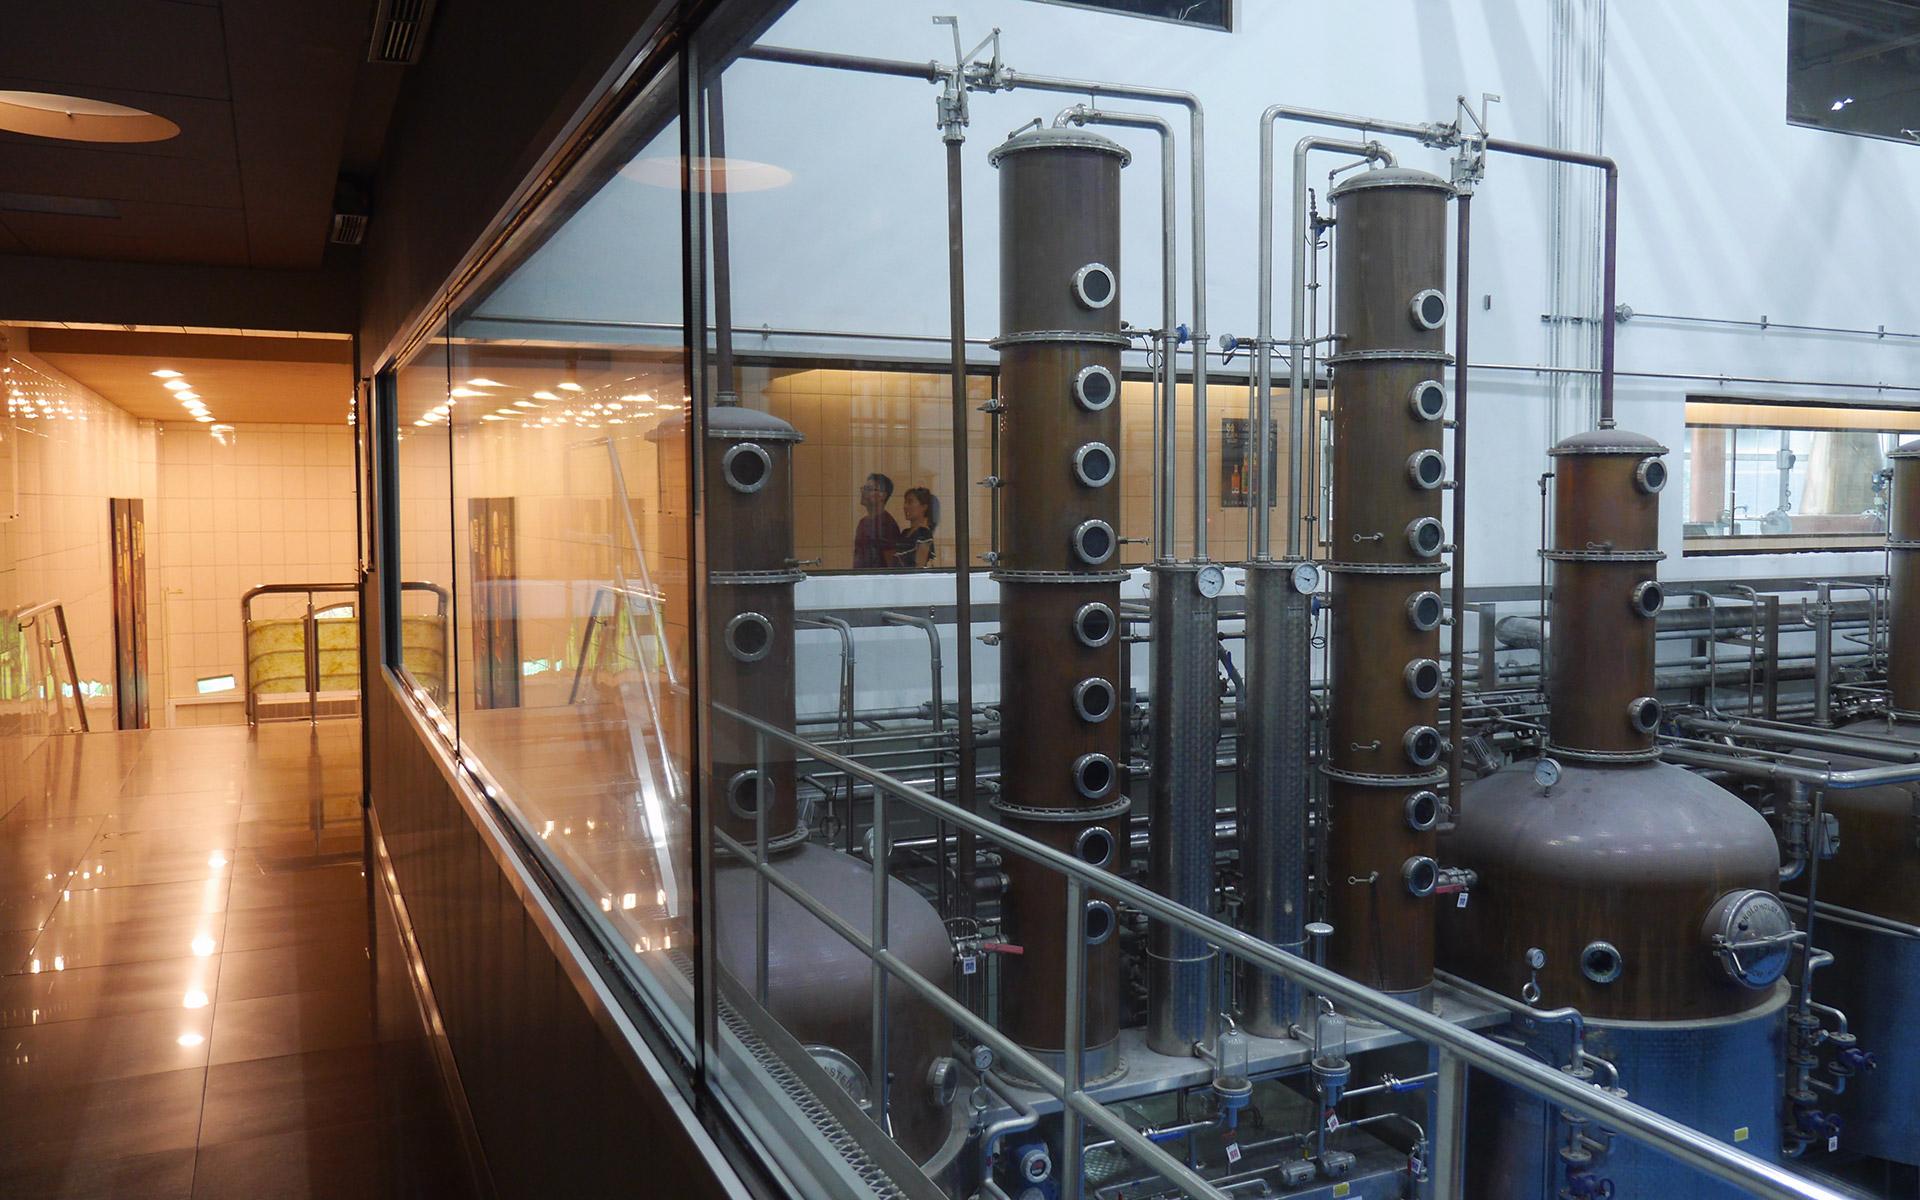 Über gläserne Korridore können Besucher in das Herz der Kavalan-Destillerie in Yilan schauen (Foto: Laurence Thio für Malt Whisky)